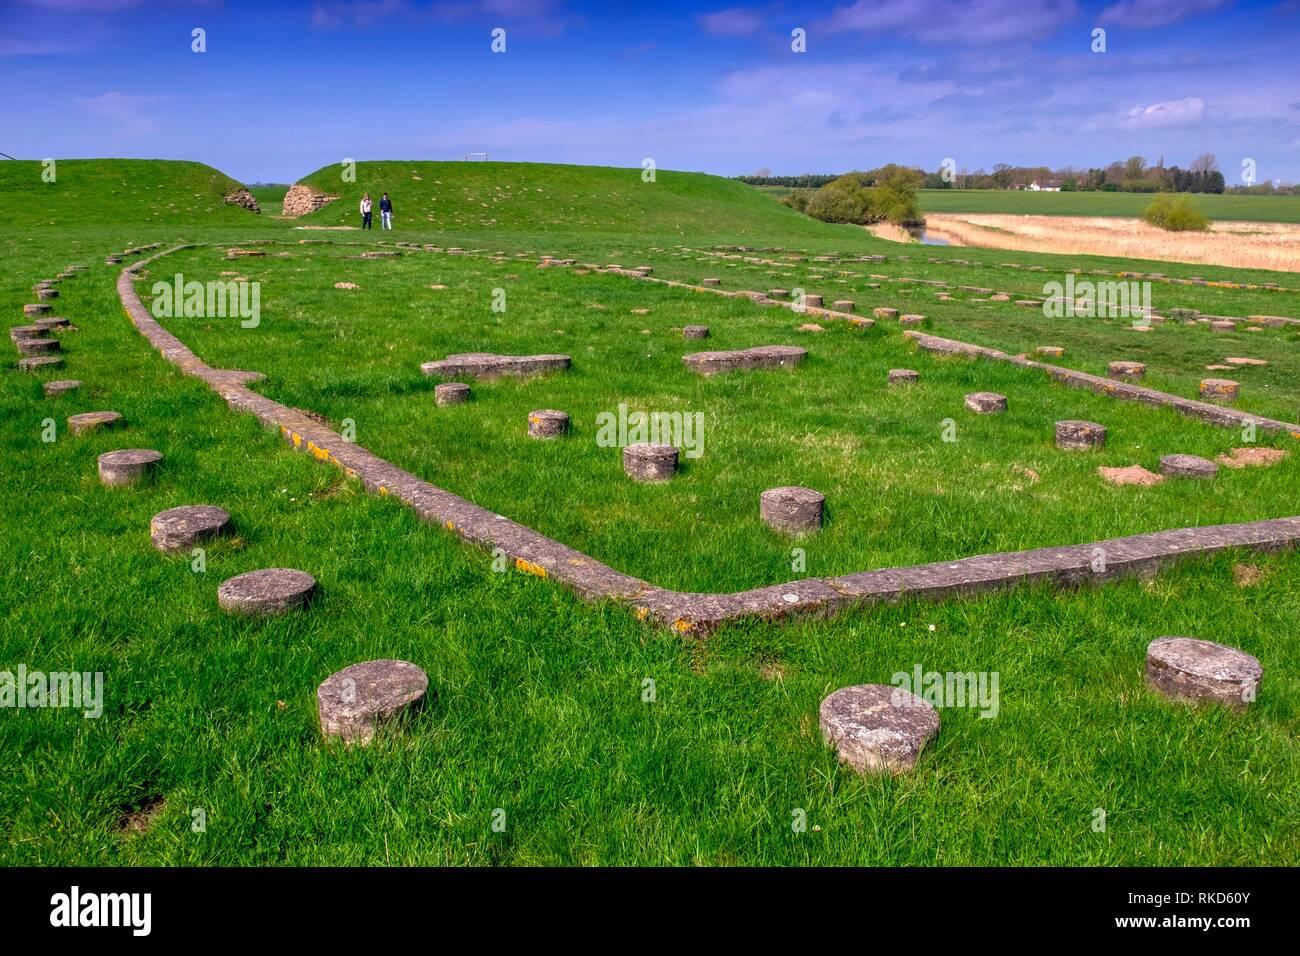 Denmark, viking ring castle, at the Trelleborg Museum. Trelleborg (Slagelse). The Trelleborg (or Trælleborg) west of Slagelse on the Danish island of - Stock Image